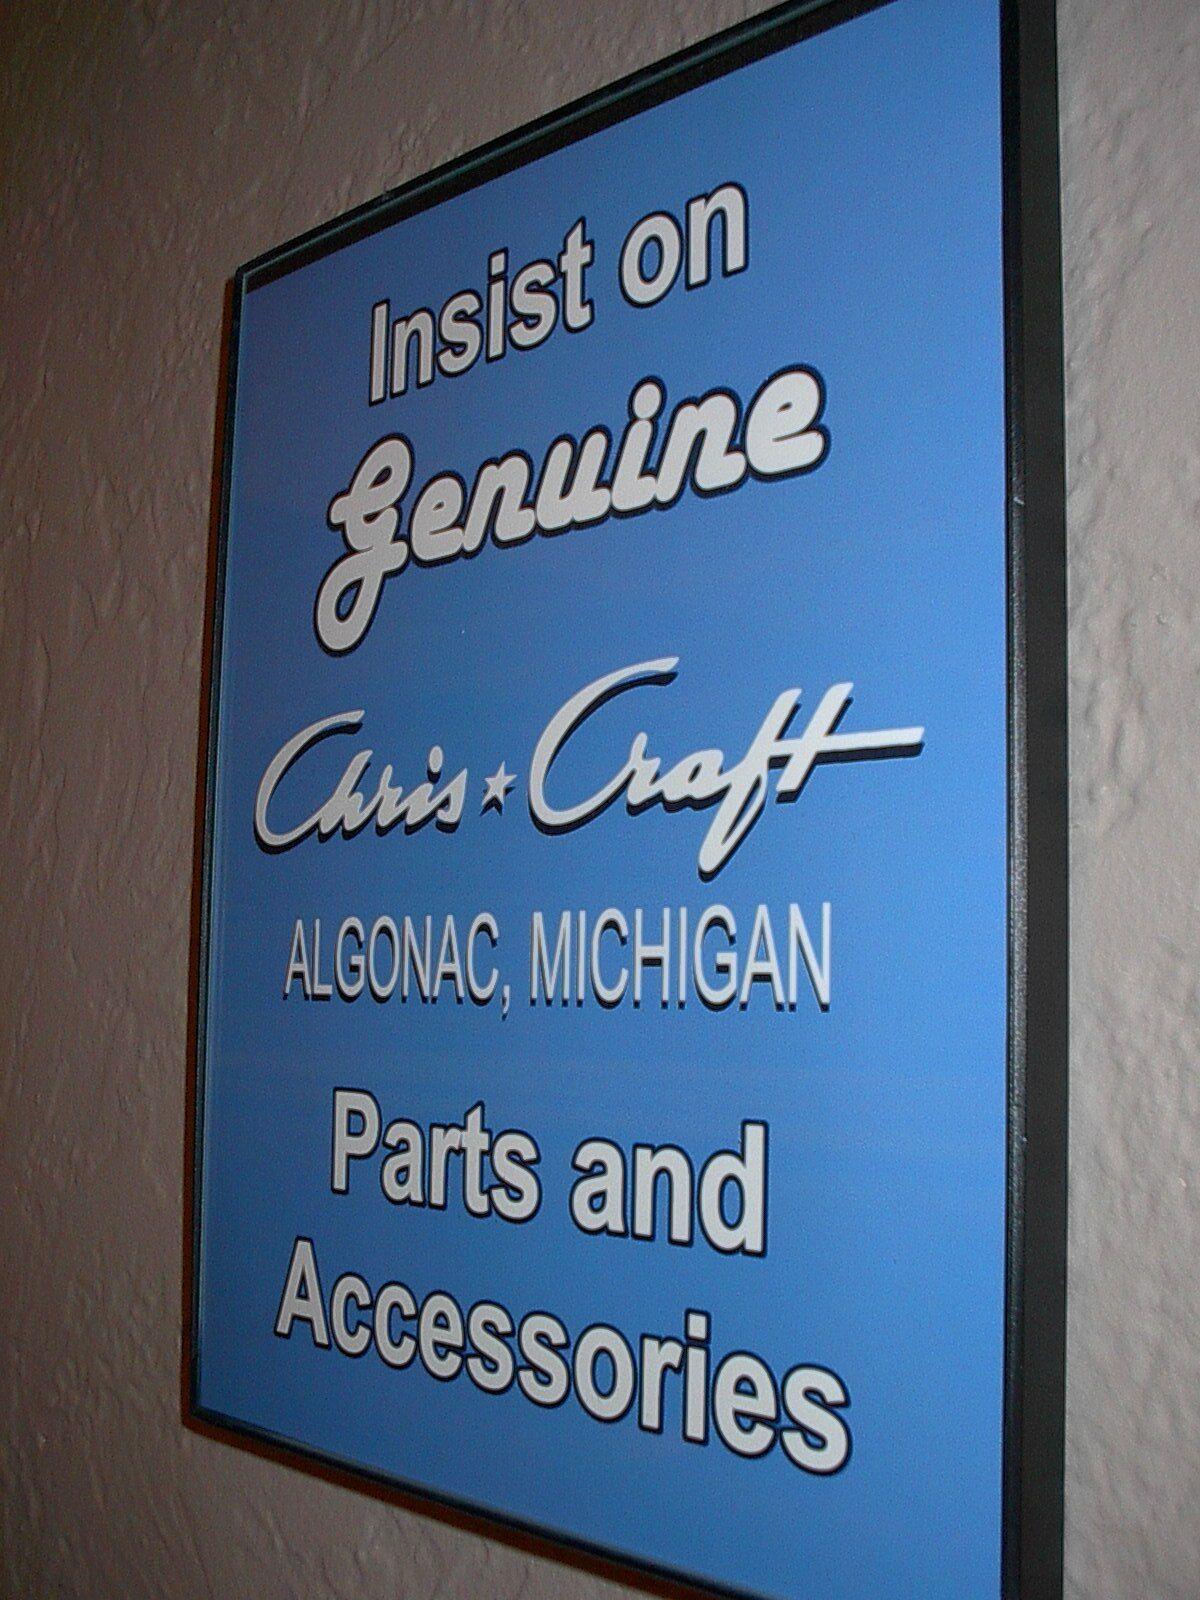 Chris Craft Wooden Boat Garage Gen.Parts Framed Advertising Print Man Cave Sign